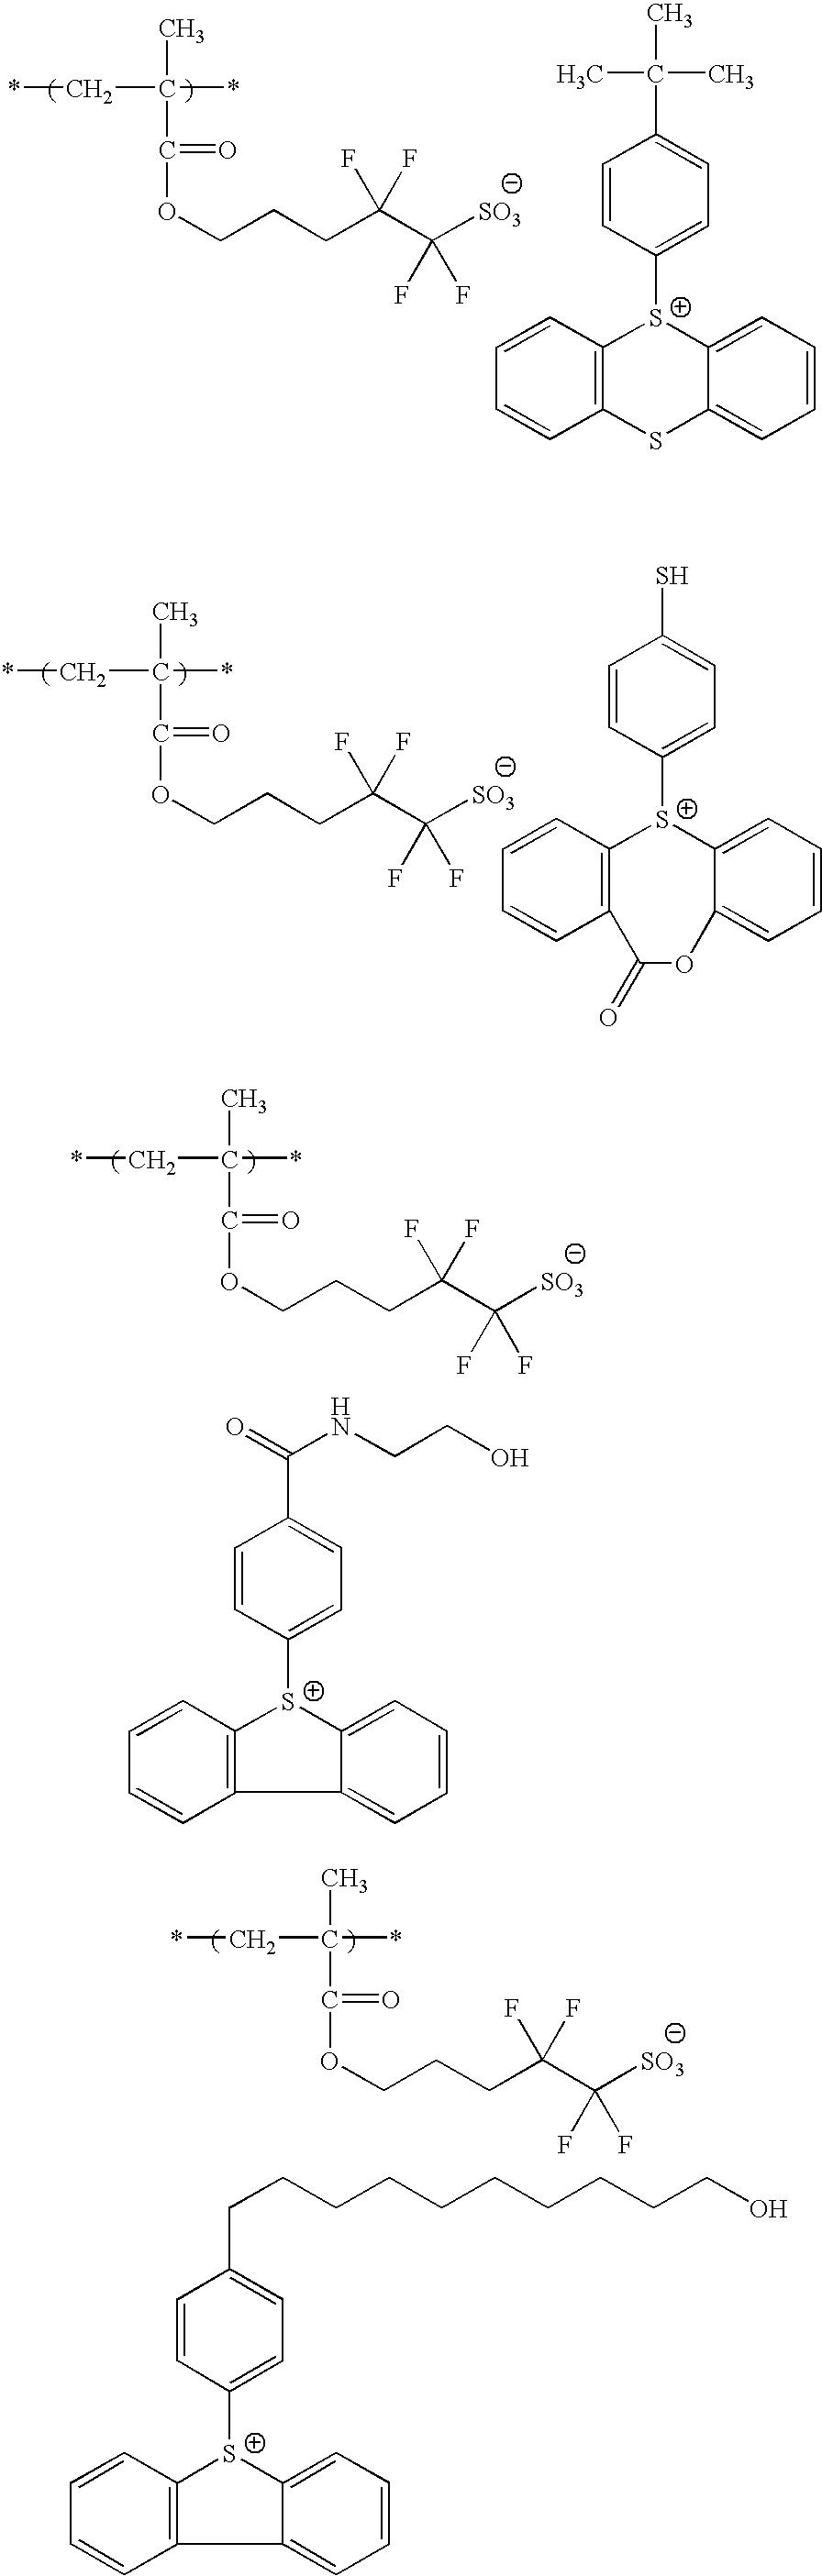 Figure US20100183975A1-20100722-C00065